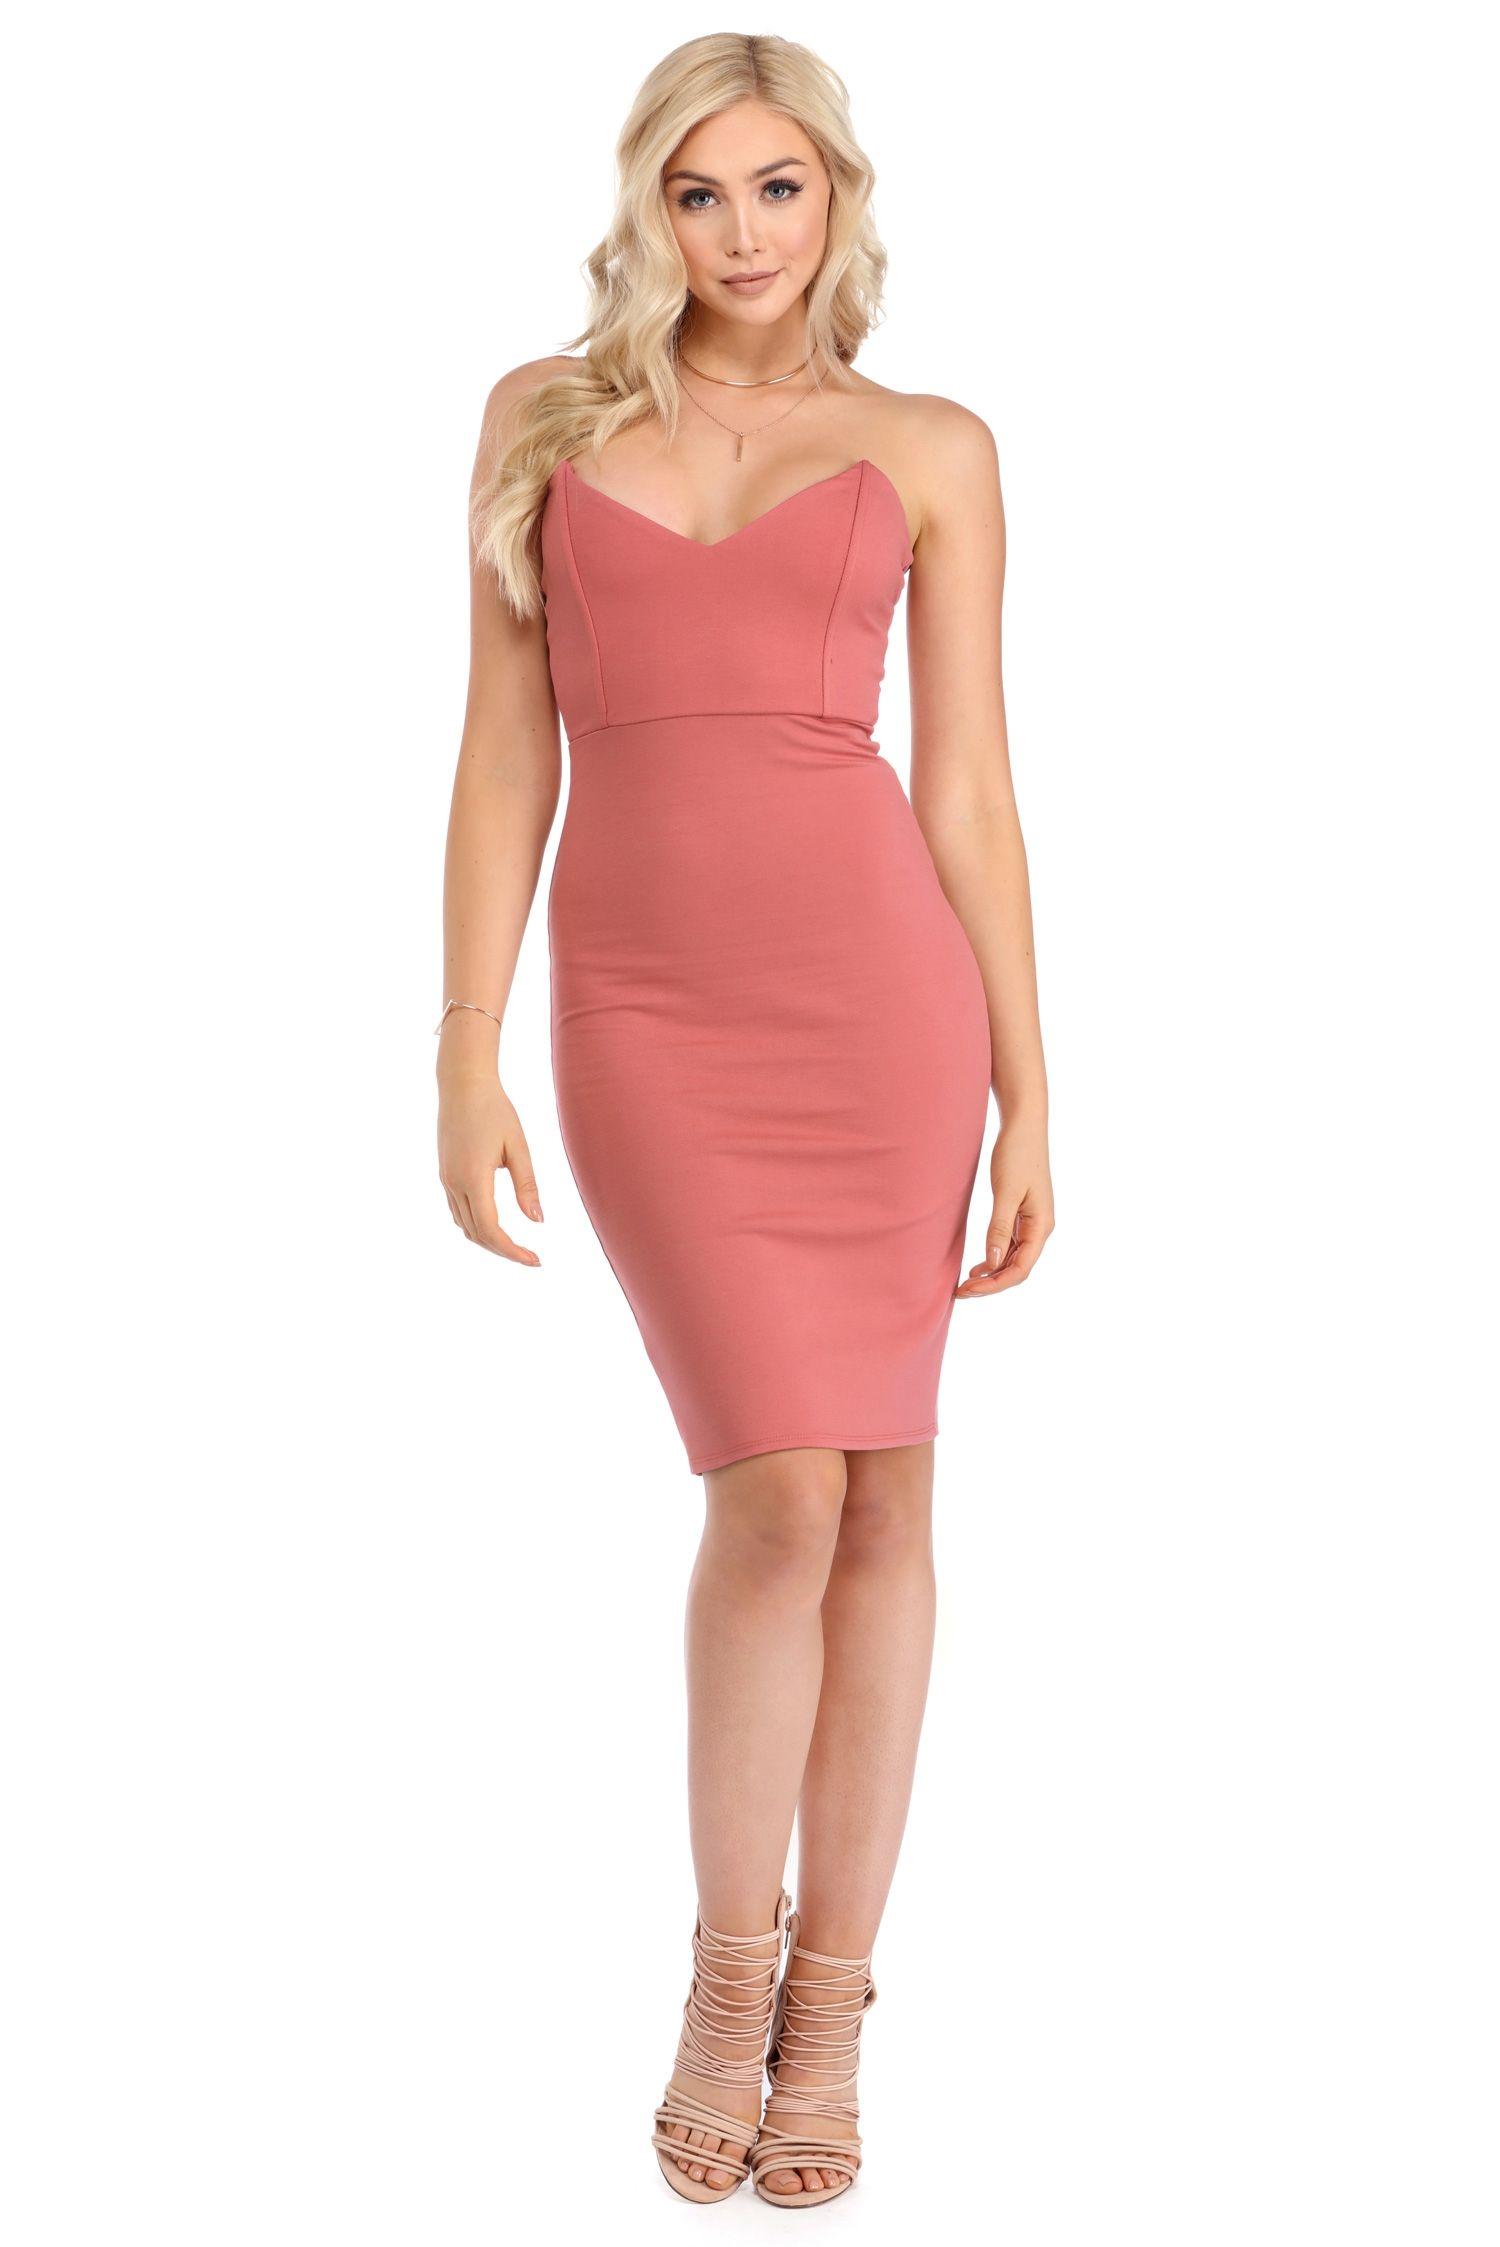 Increíble Vestidos De Dama De Windsor Ideas - Colección de Vestidos ...